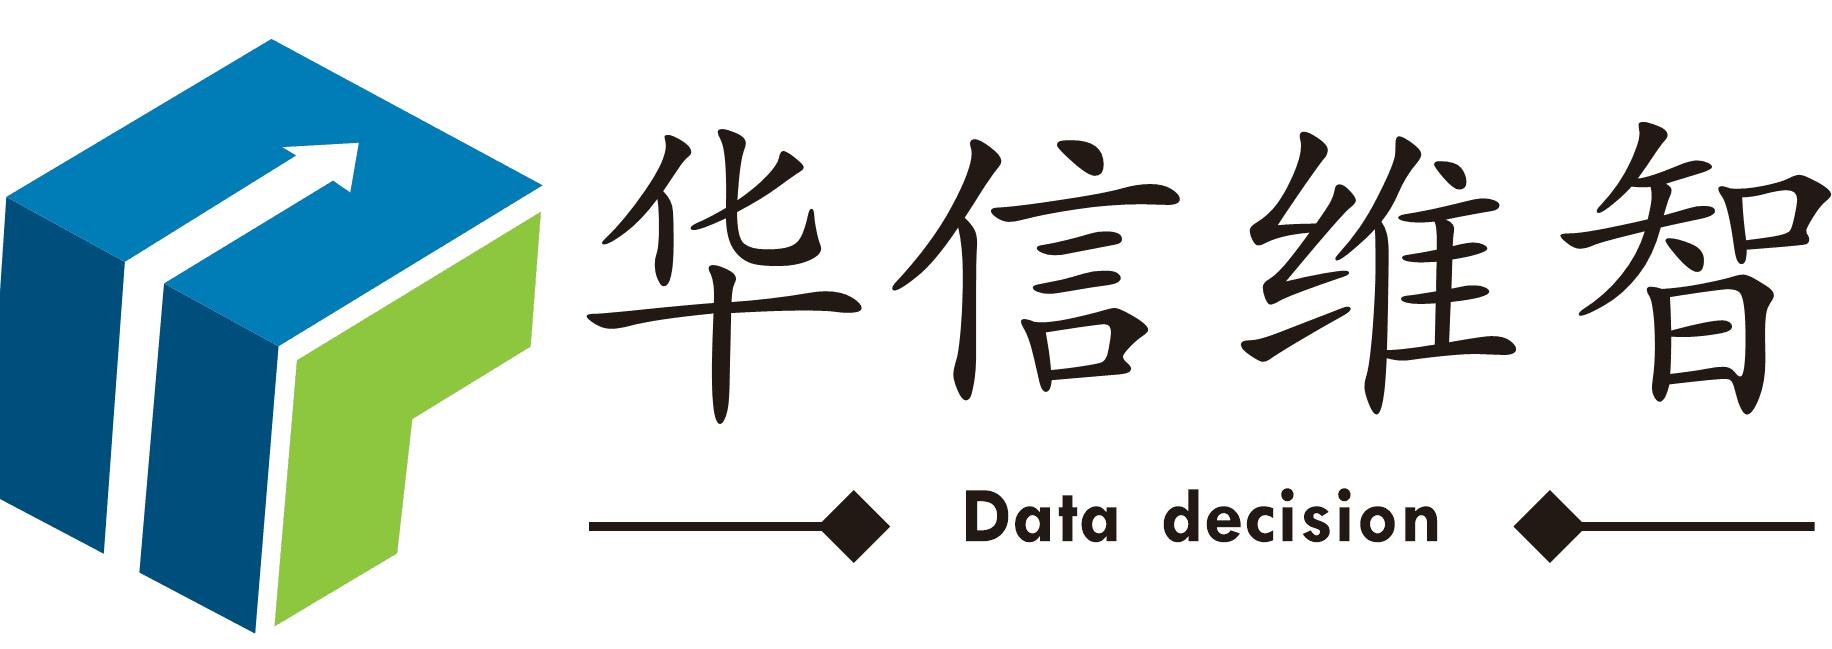 贵州华信维智市场研究咨询有限公司